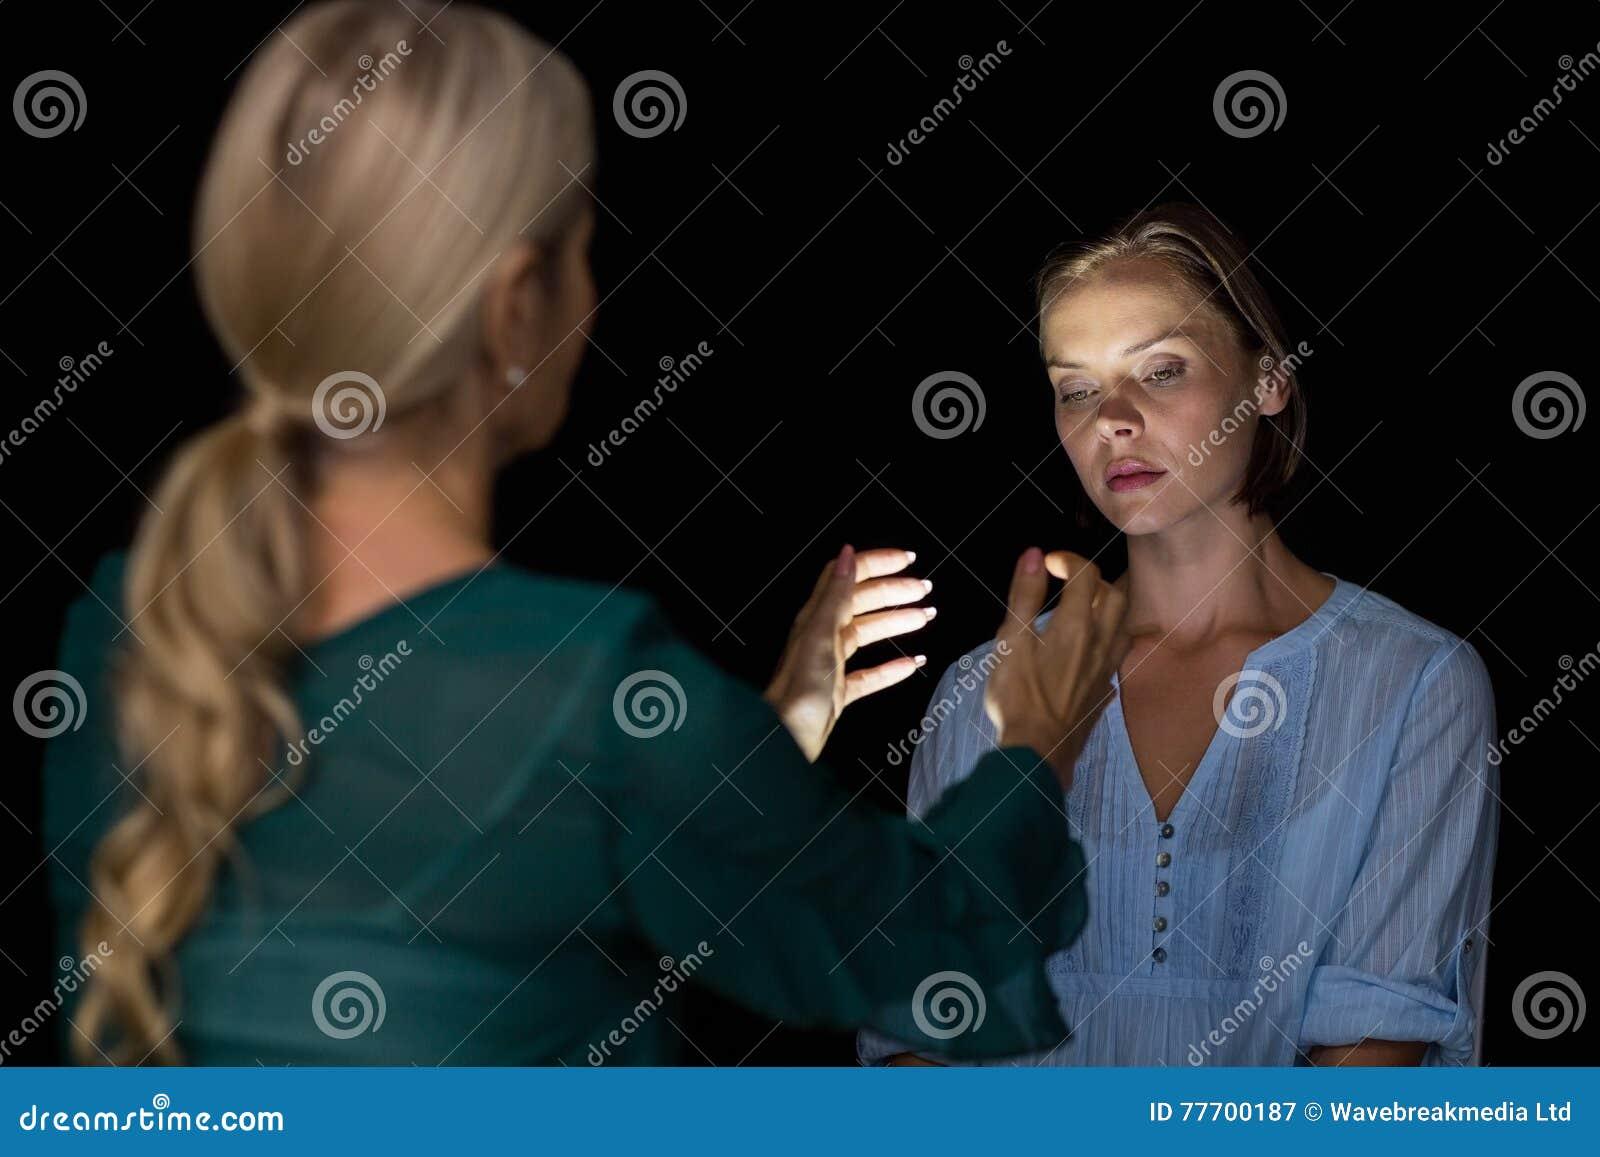 Frau im körper hypnose einer Angela Salzmann